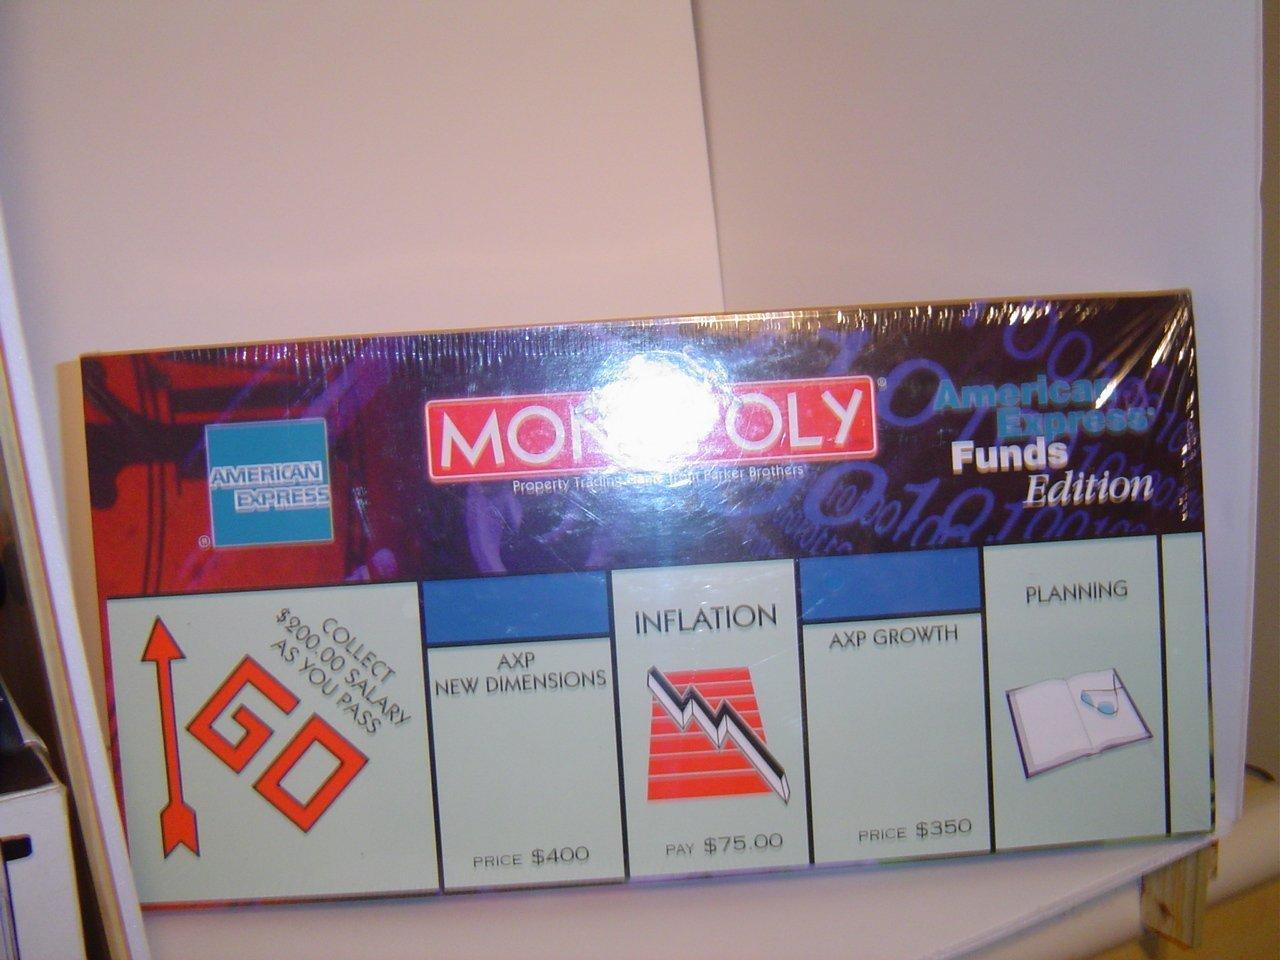 新品即決 American Express American B017JZ03AK [並行輸入品] Monopoly [並行輸入品] B017JZ03AK, パティスリーカーディナル:f9e4fabd --- arianechie.dominiotemporario.com